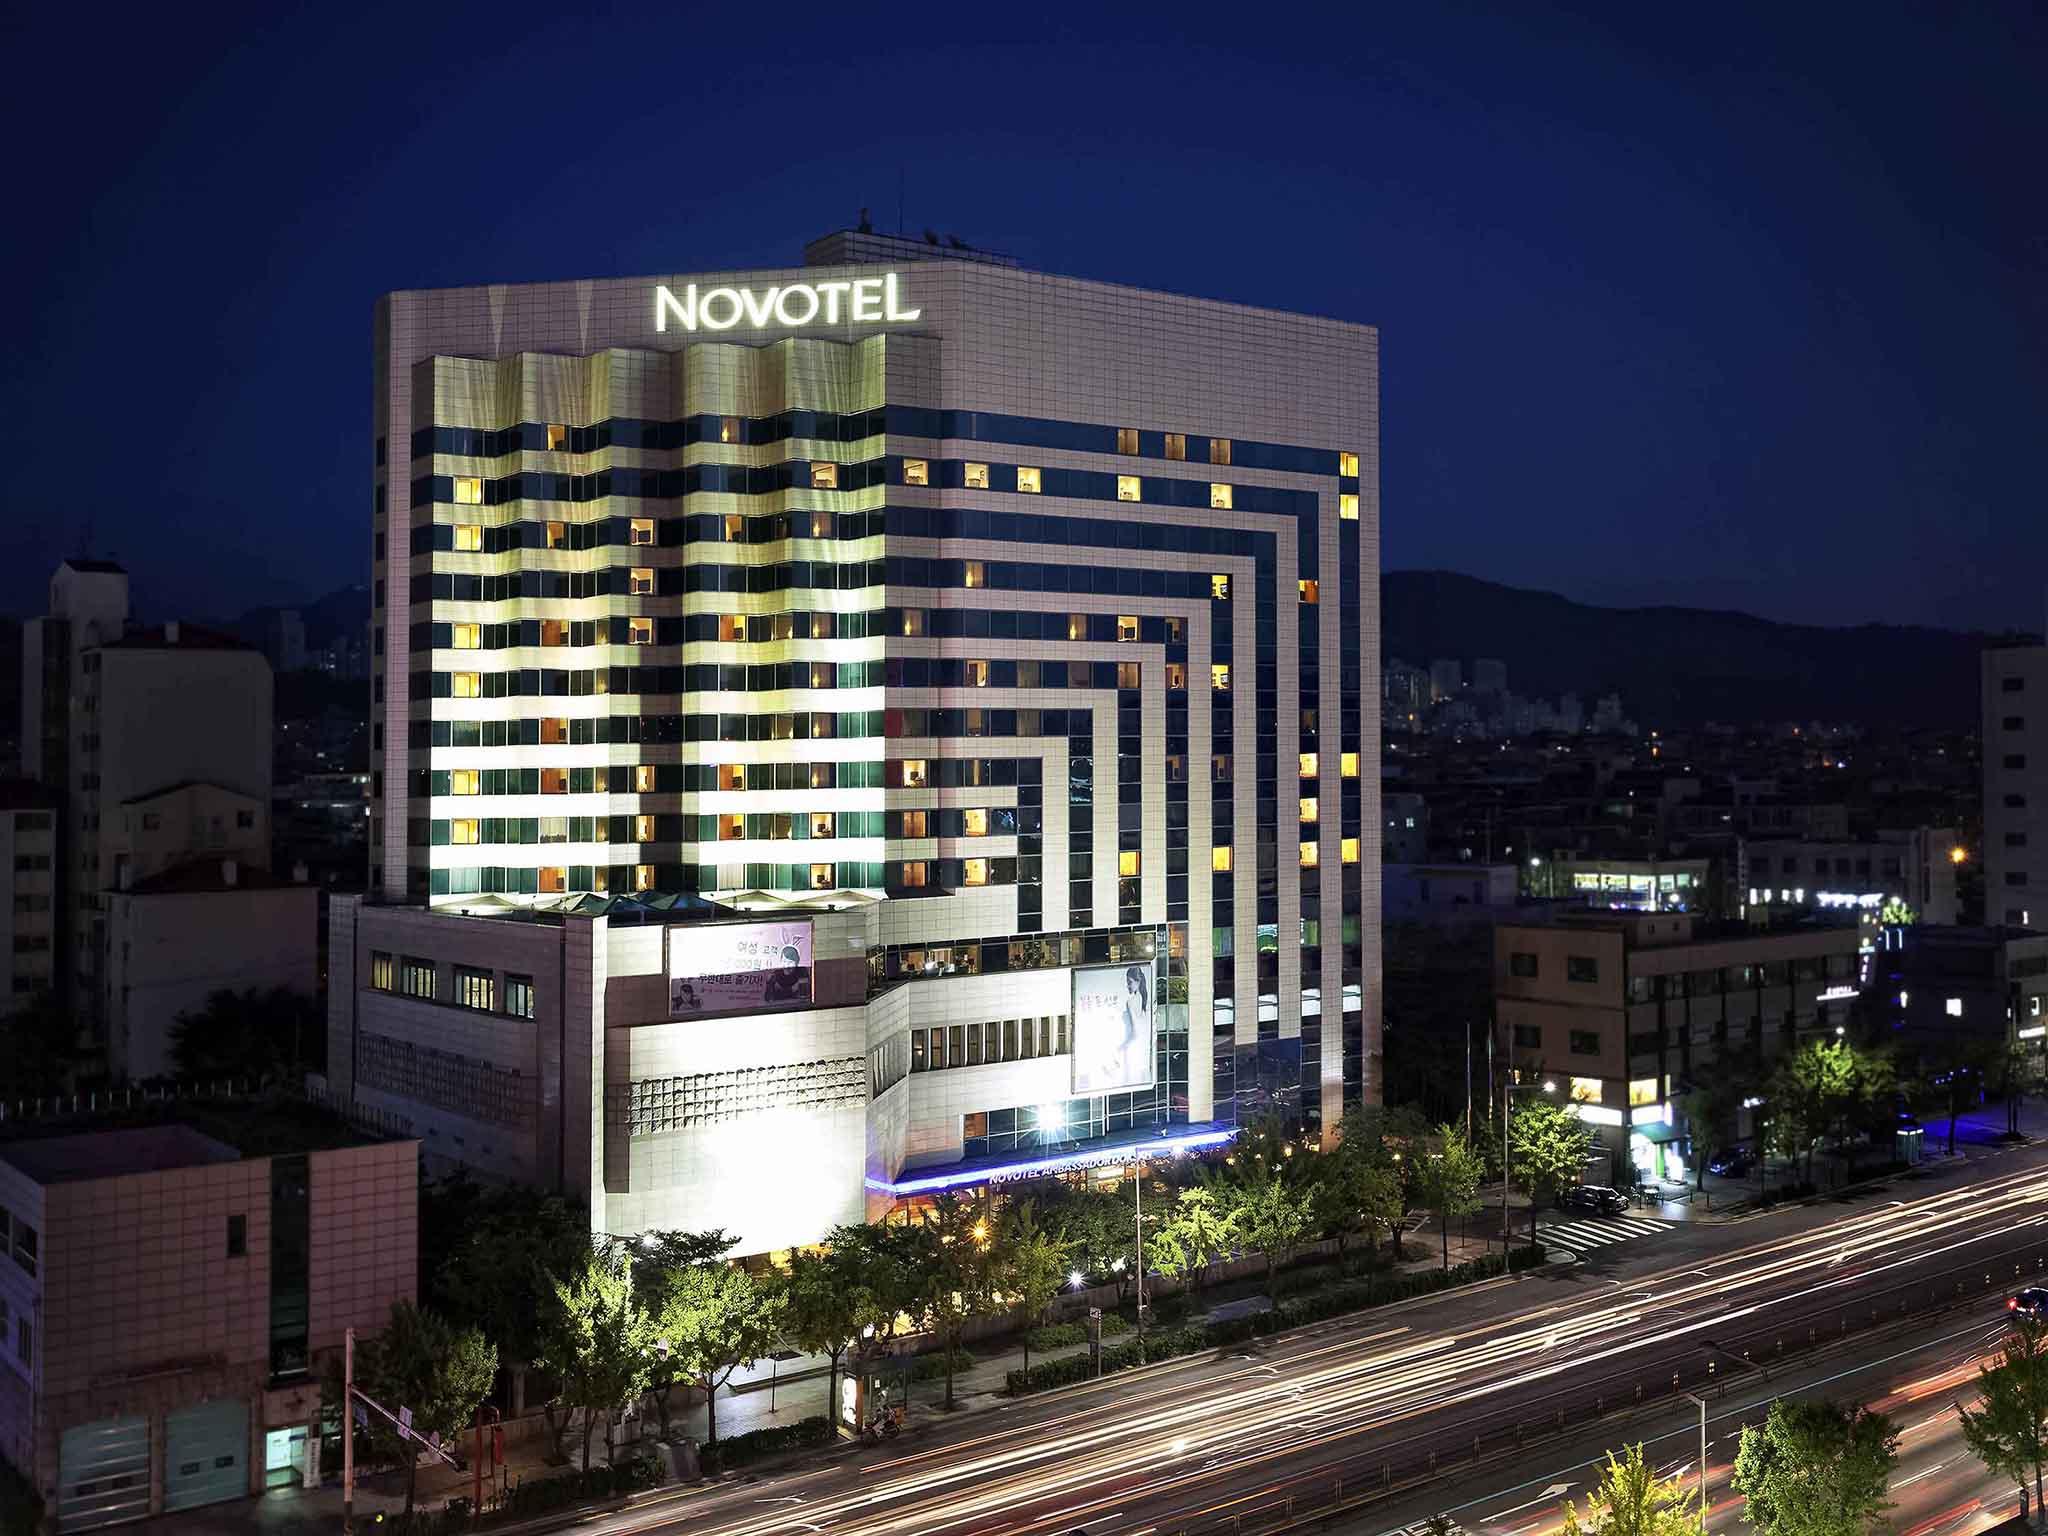 فندق - فندق نوفوتيل Novotel سيول أمباسادور دوكسان